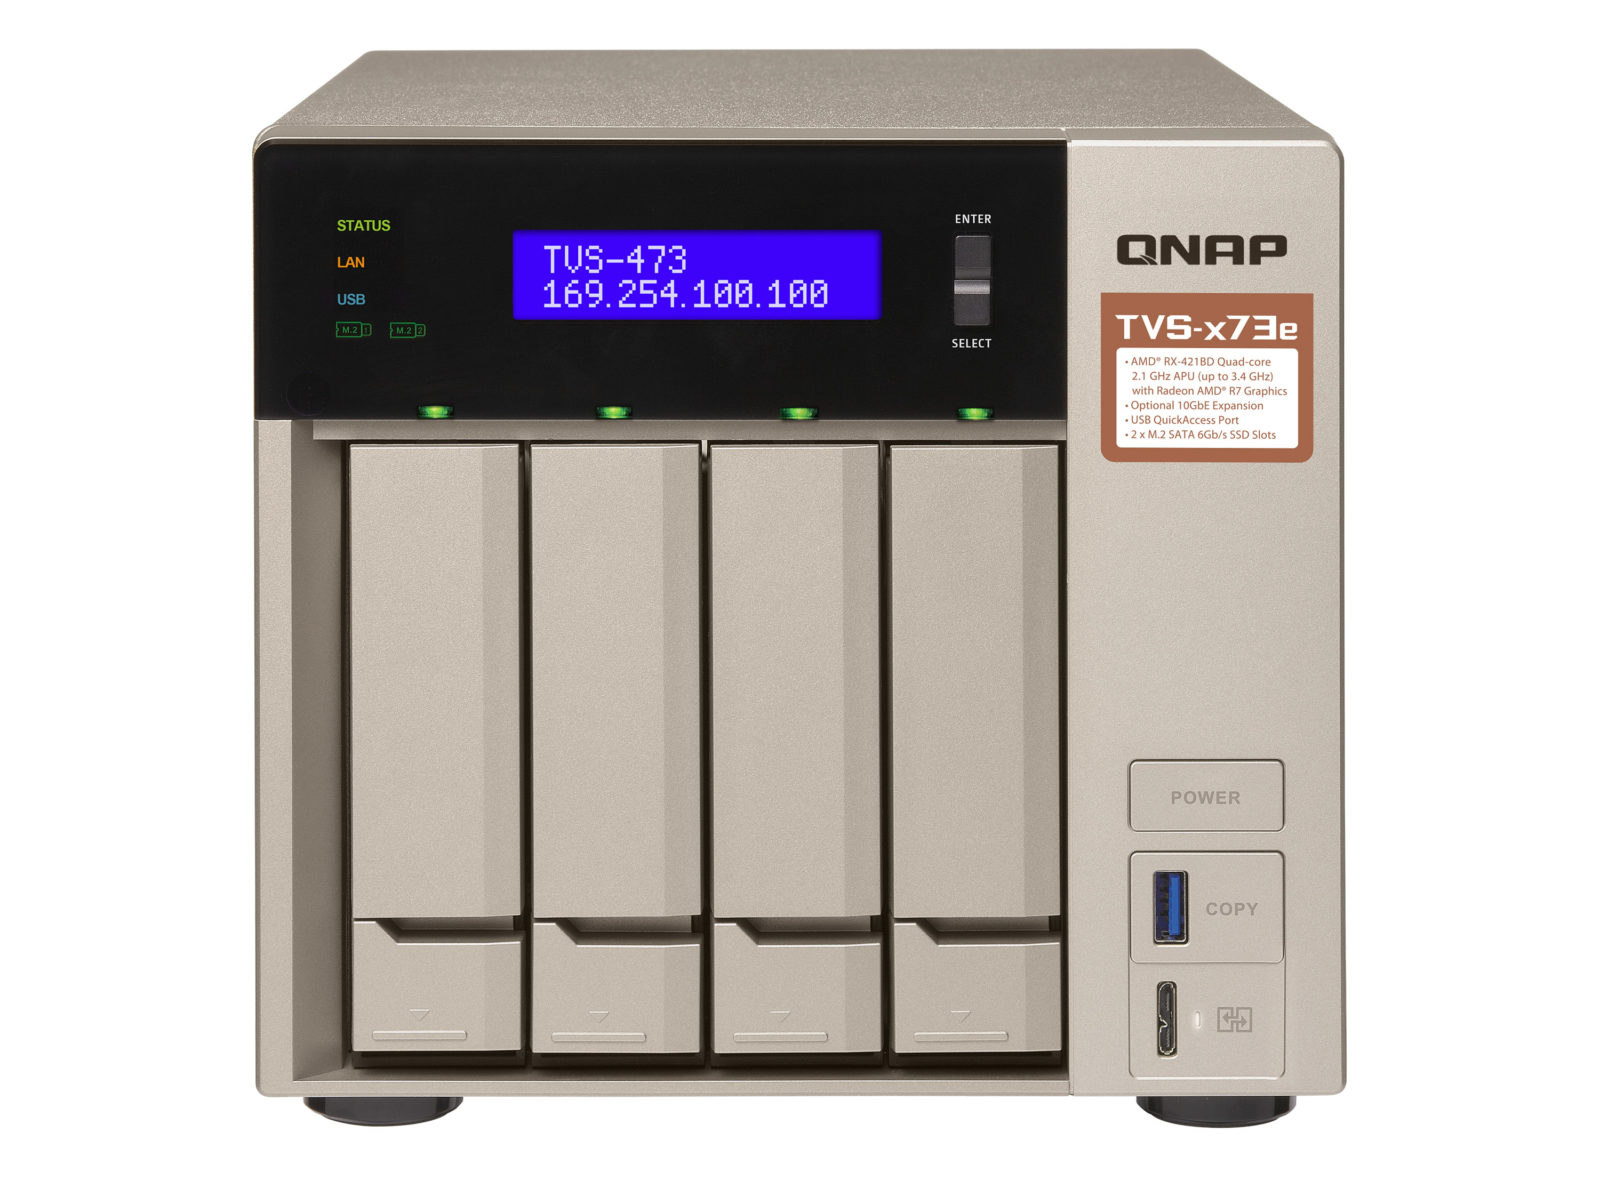 QNAP TVS-x73e